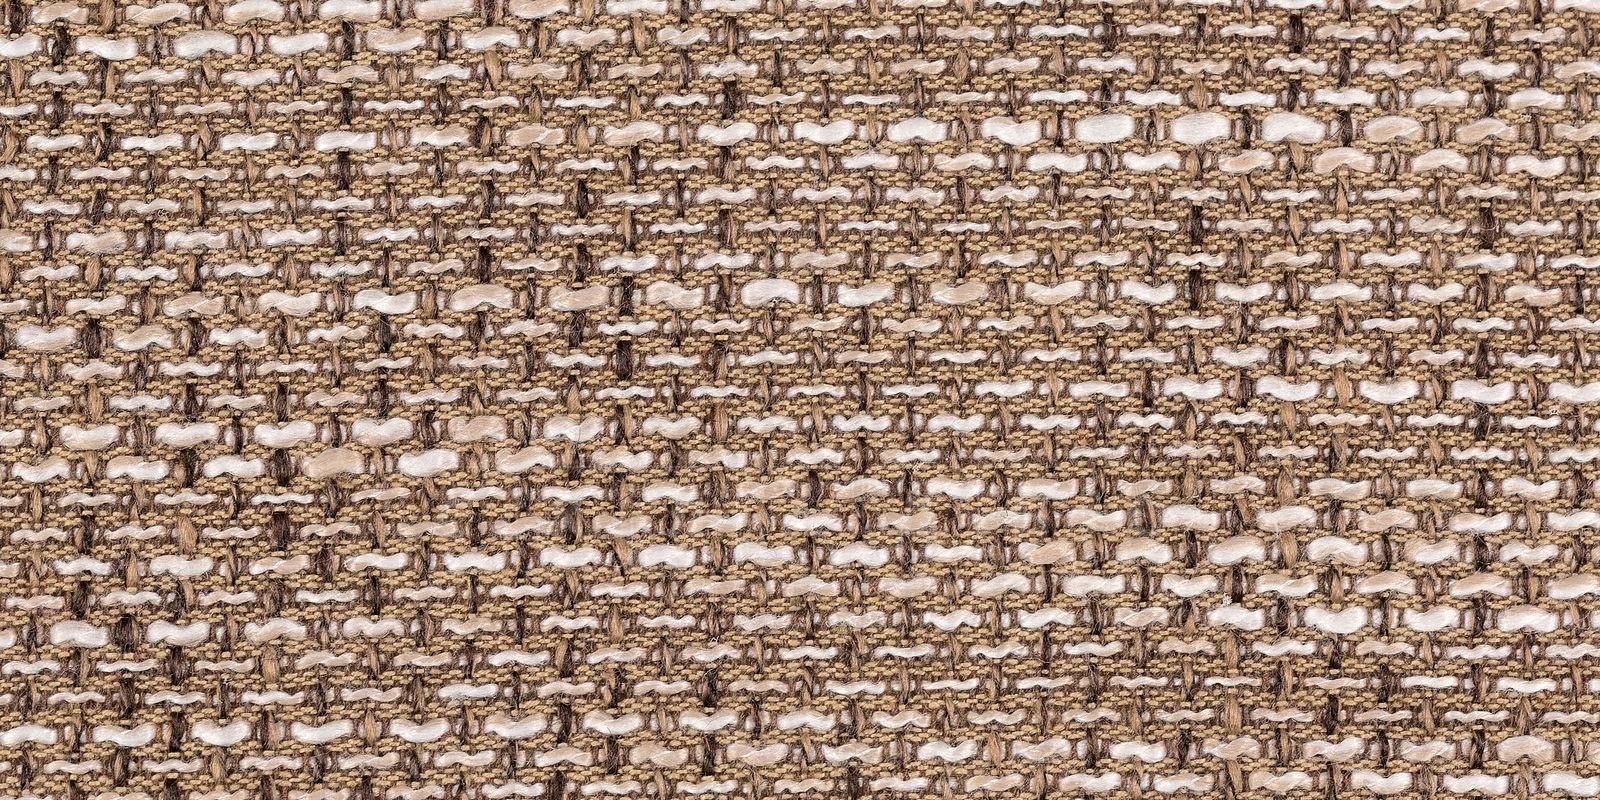 Диван прямой Амстердам кожаный с рогожкой коричневый фото 8 | интернет-магазин Складно